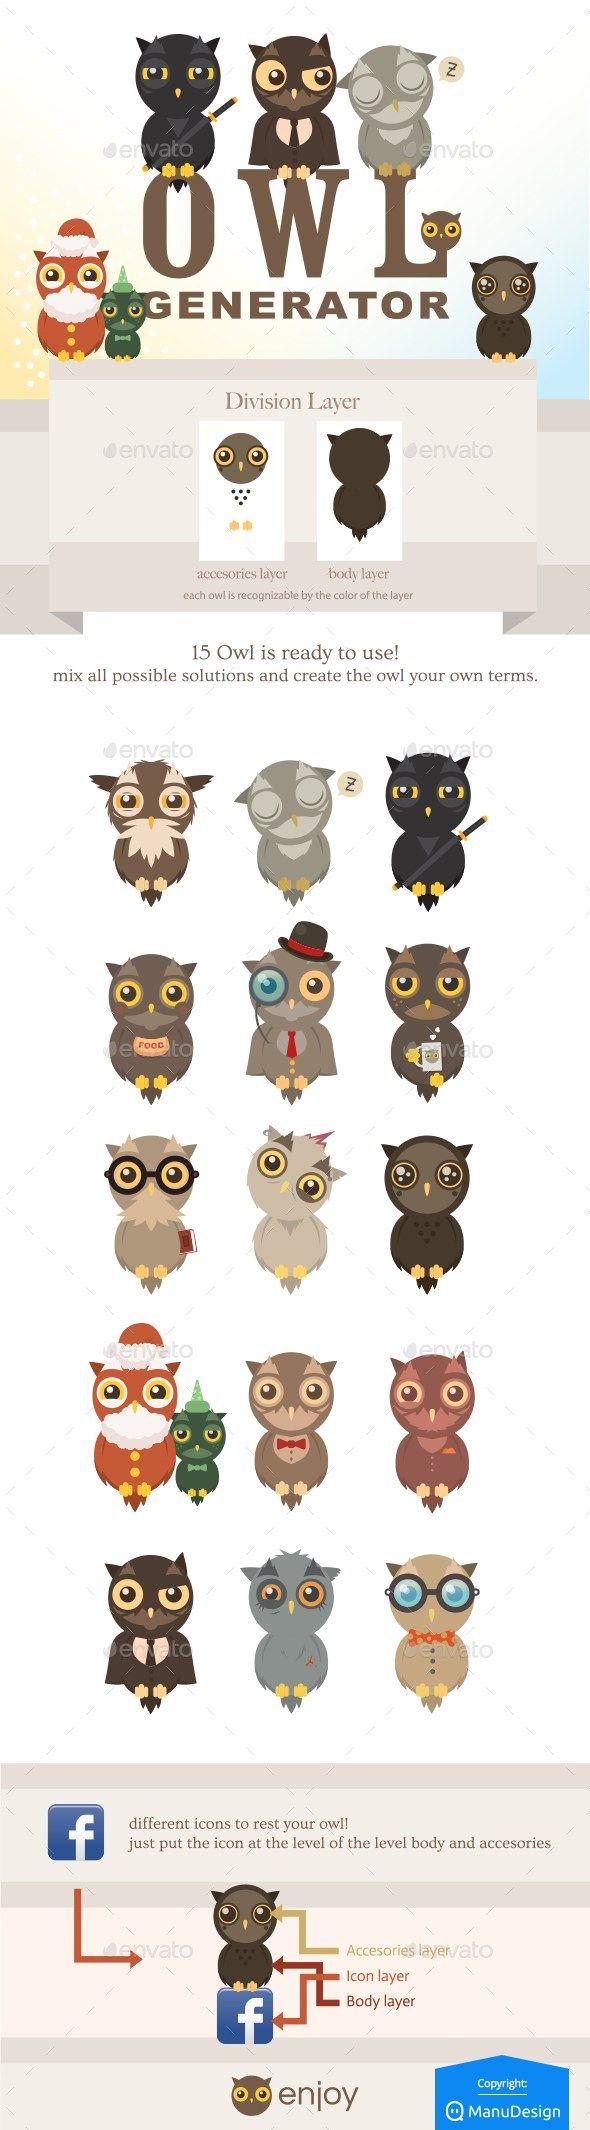 Fichiers gratuits Envato - Owl Generation